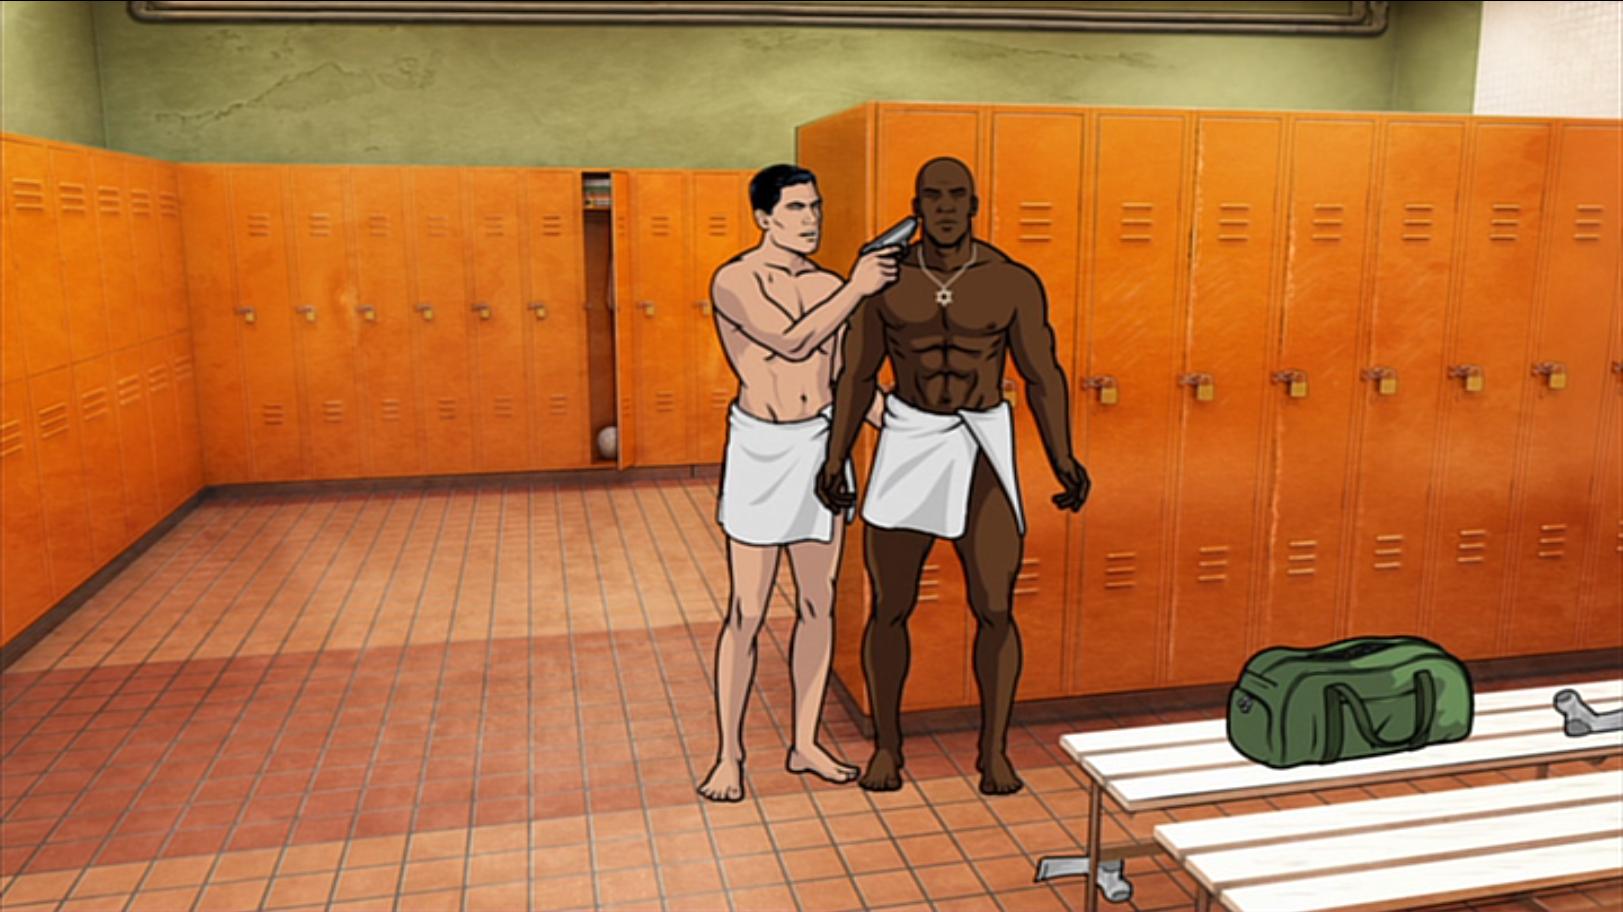 girls naked in locker room